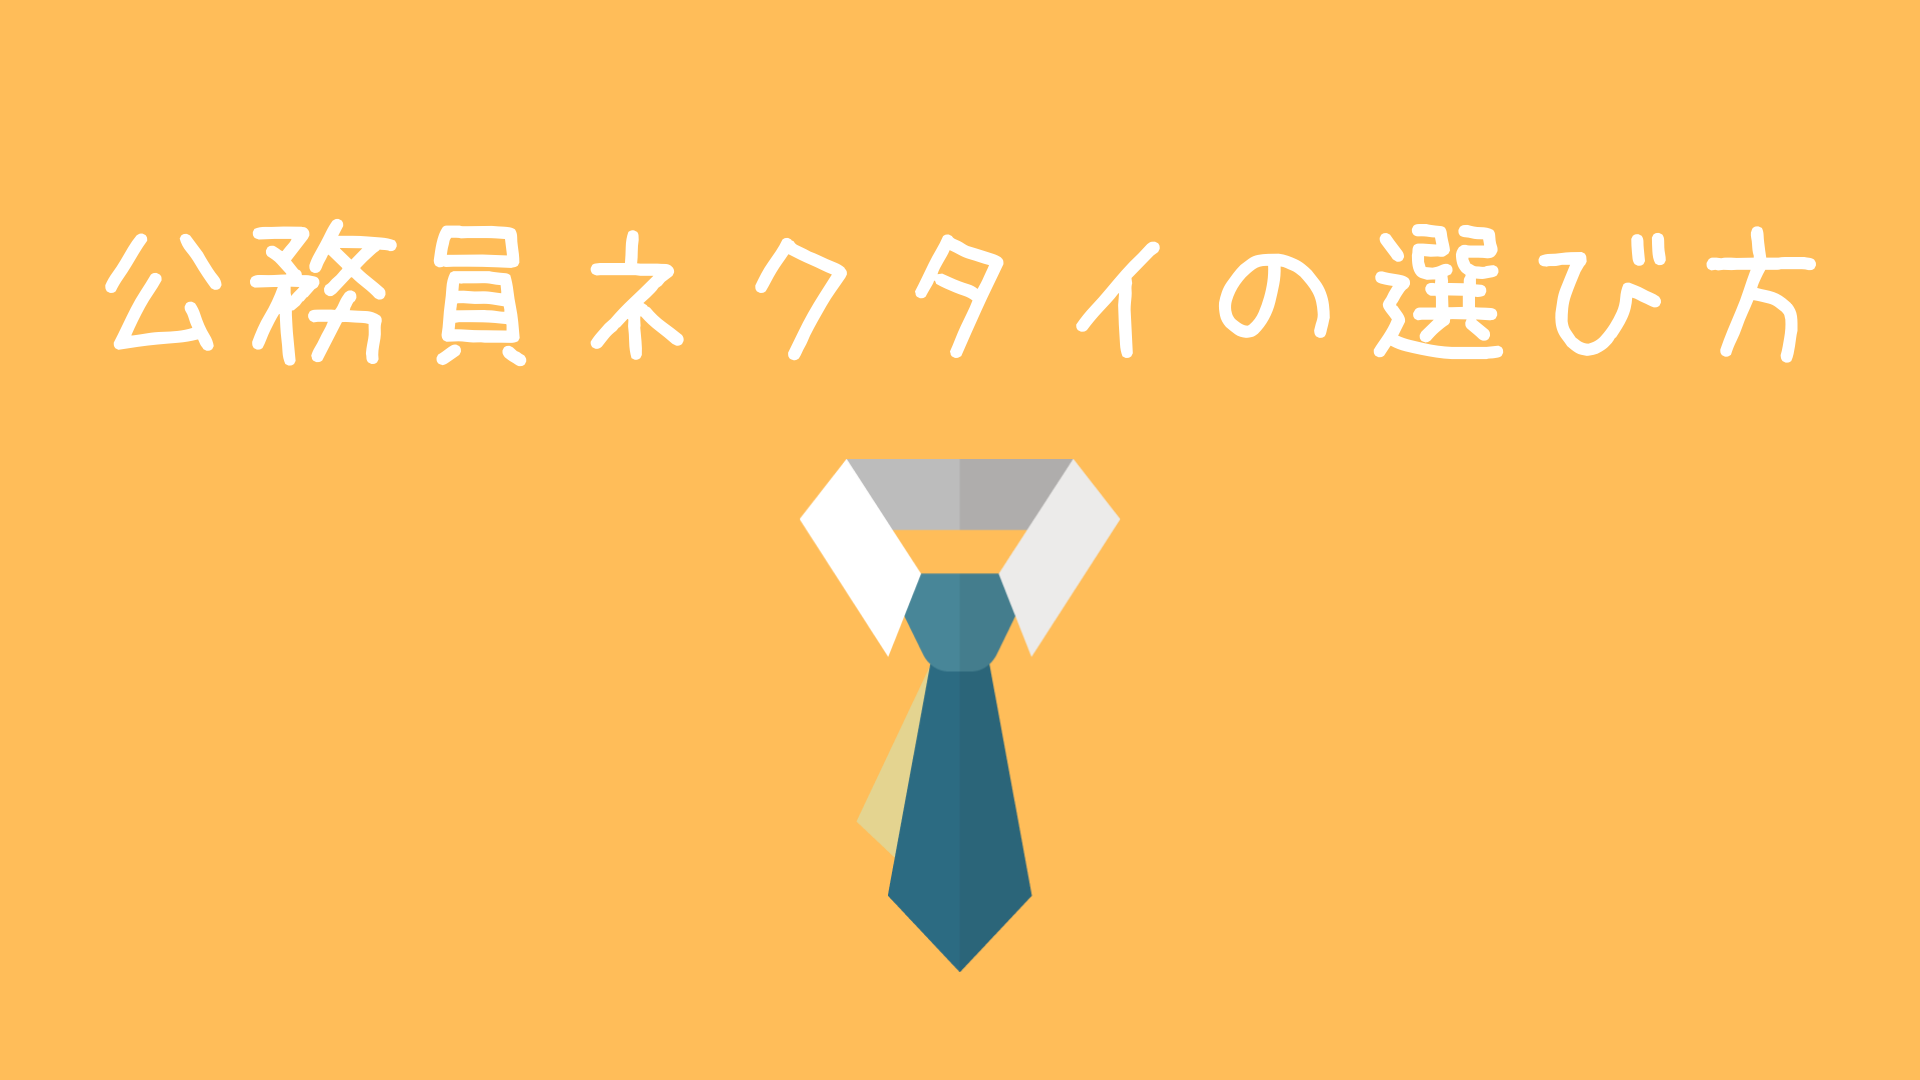 公務員のネクタイに色や柄の制限は?現役公務員が職場でリサーチ!